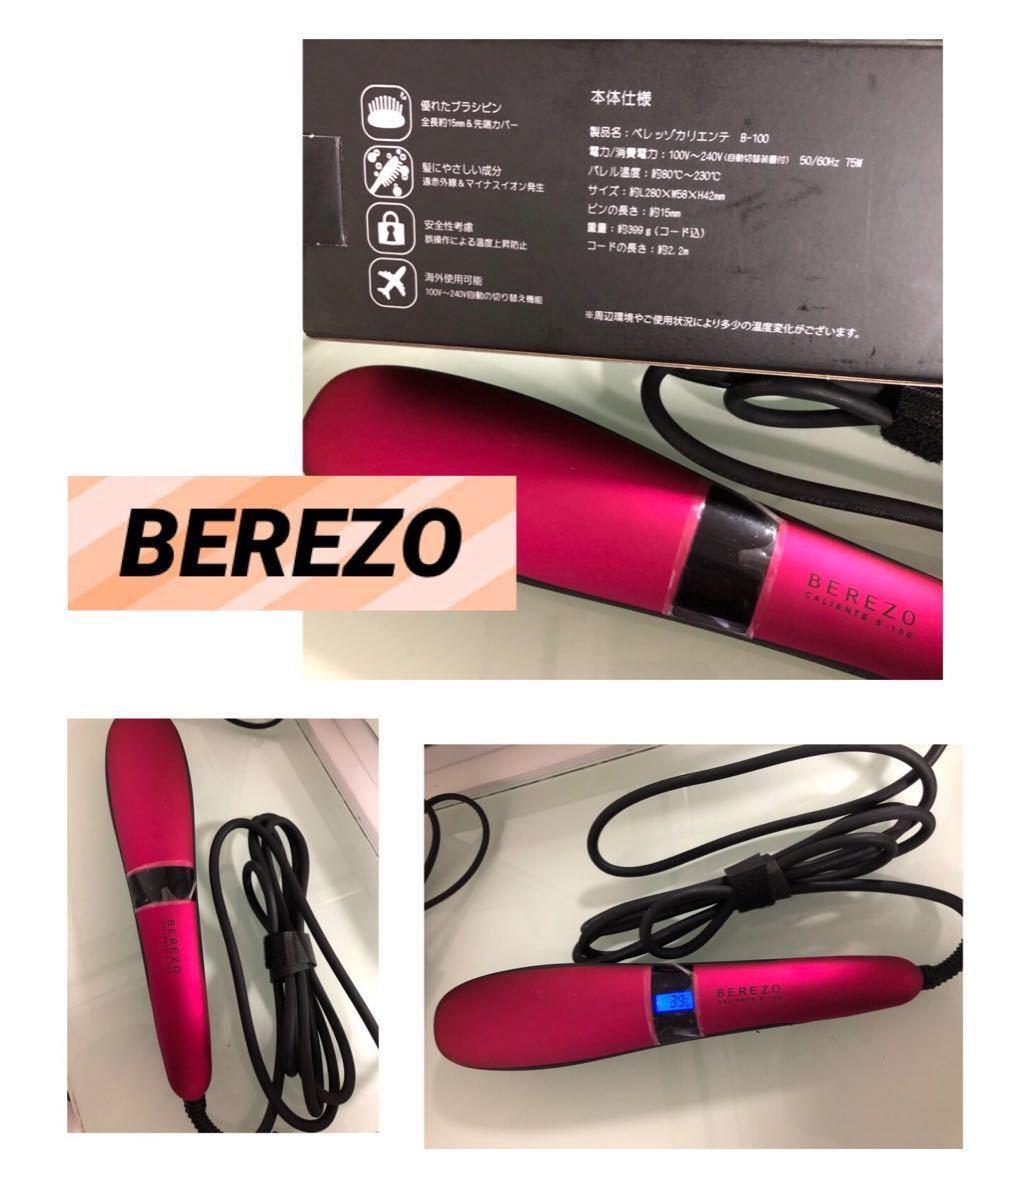 《ヘアアイロン》 サロニア SALONIA コテ 髪 セラミックカールアイロン 25 SL-008 BEREZO ベレッゾ ブラシ